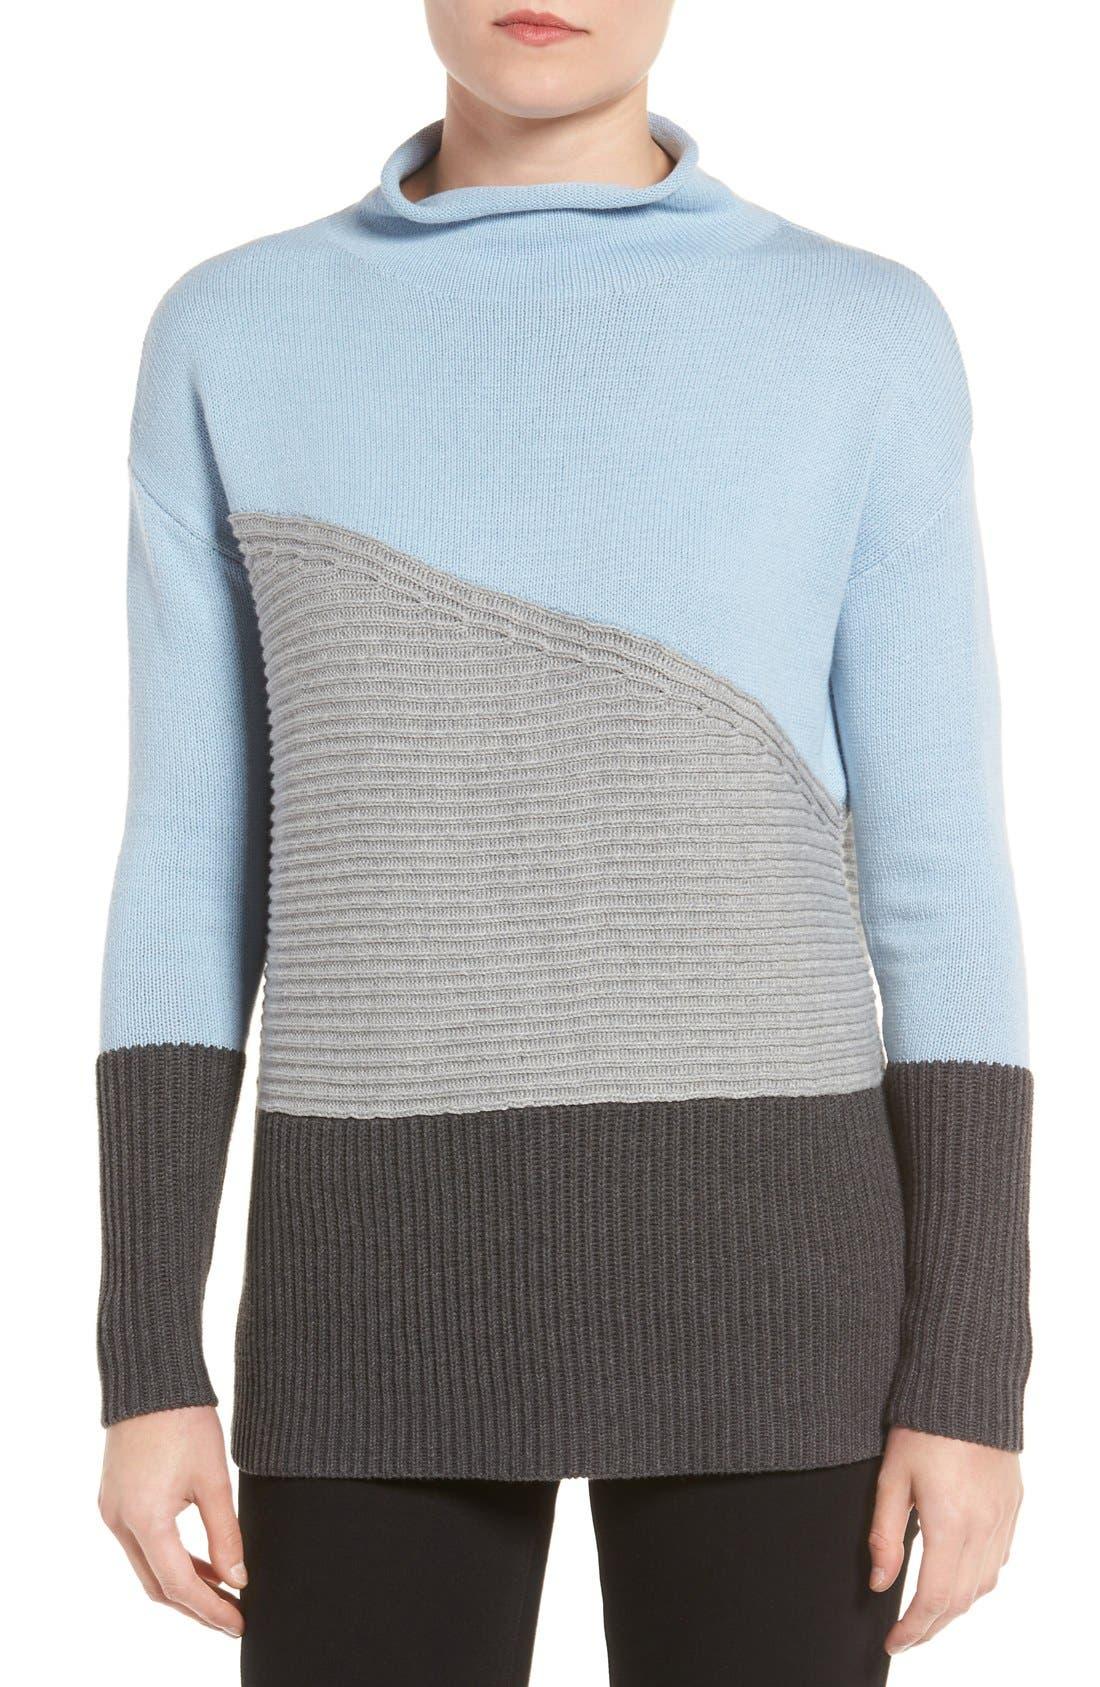 Main Image - Vince Camuto Colorblock Turtleneck Sweater (Regular & Petite)